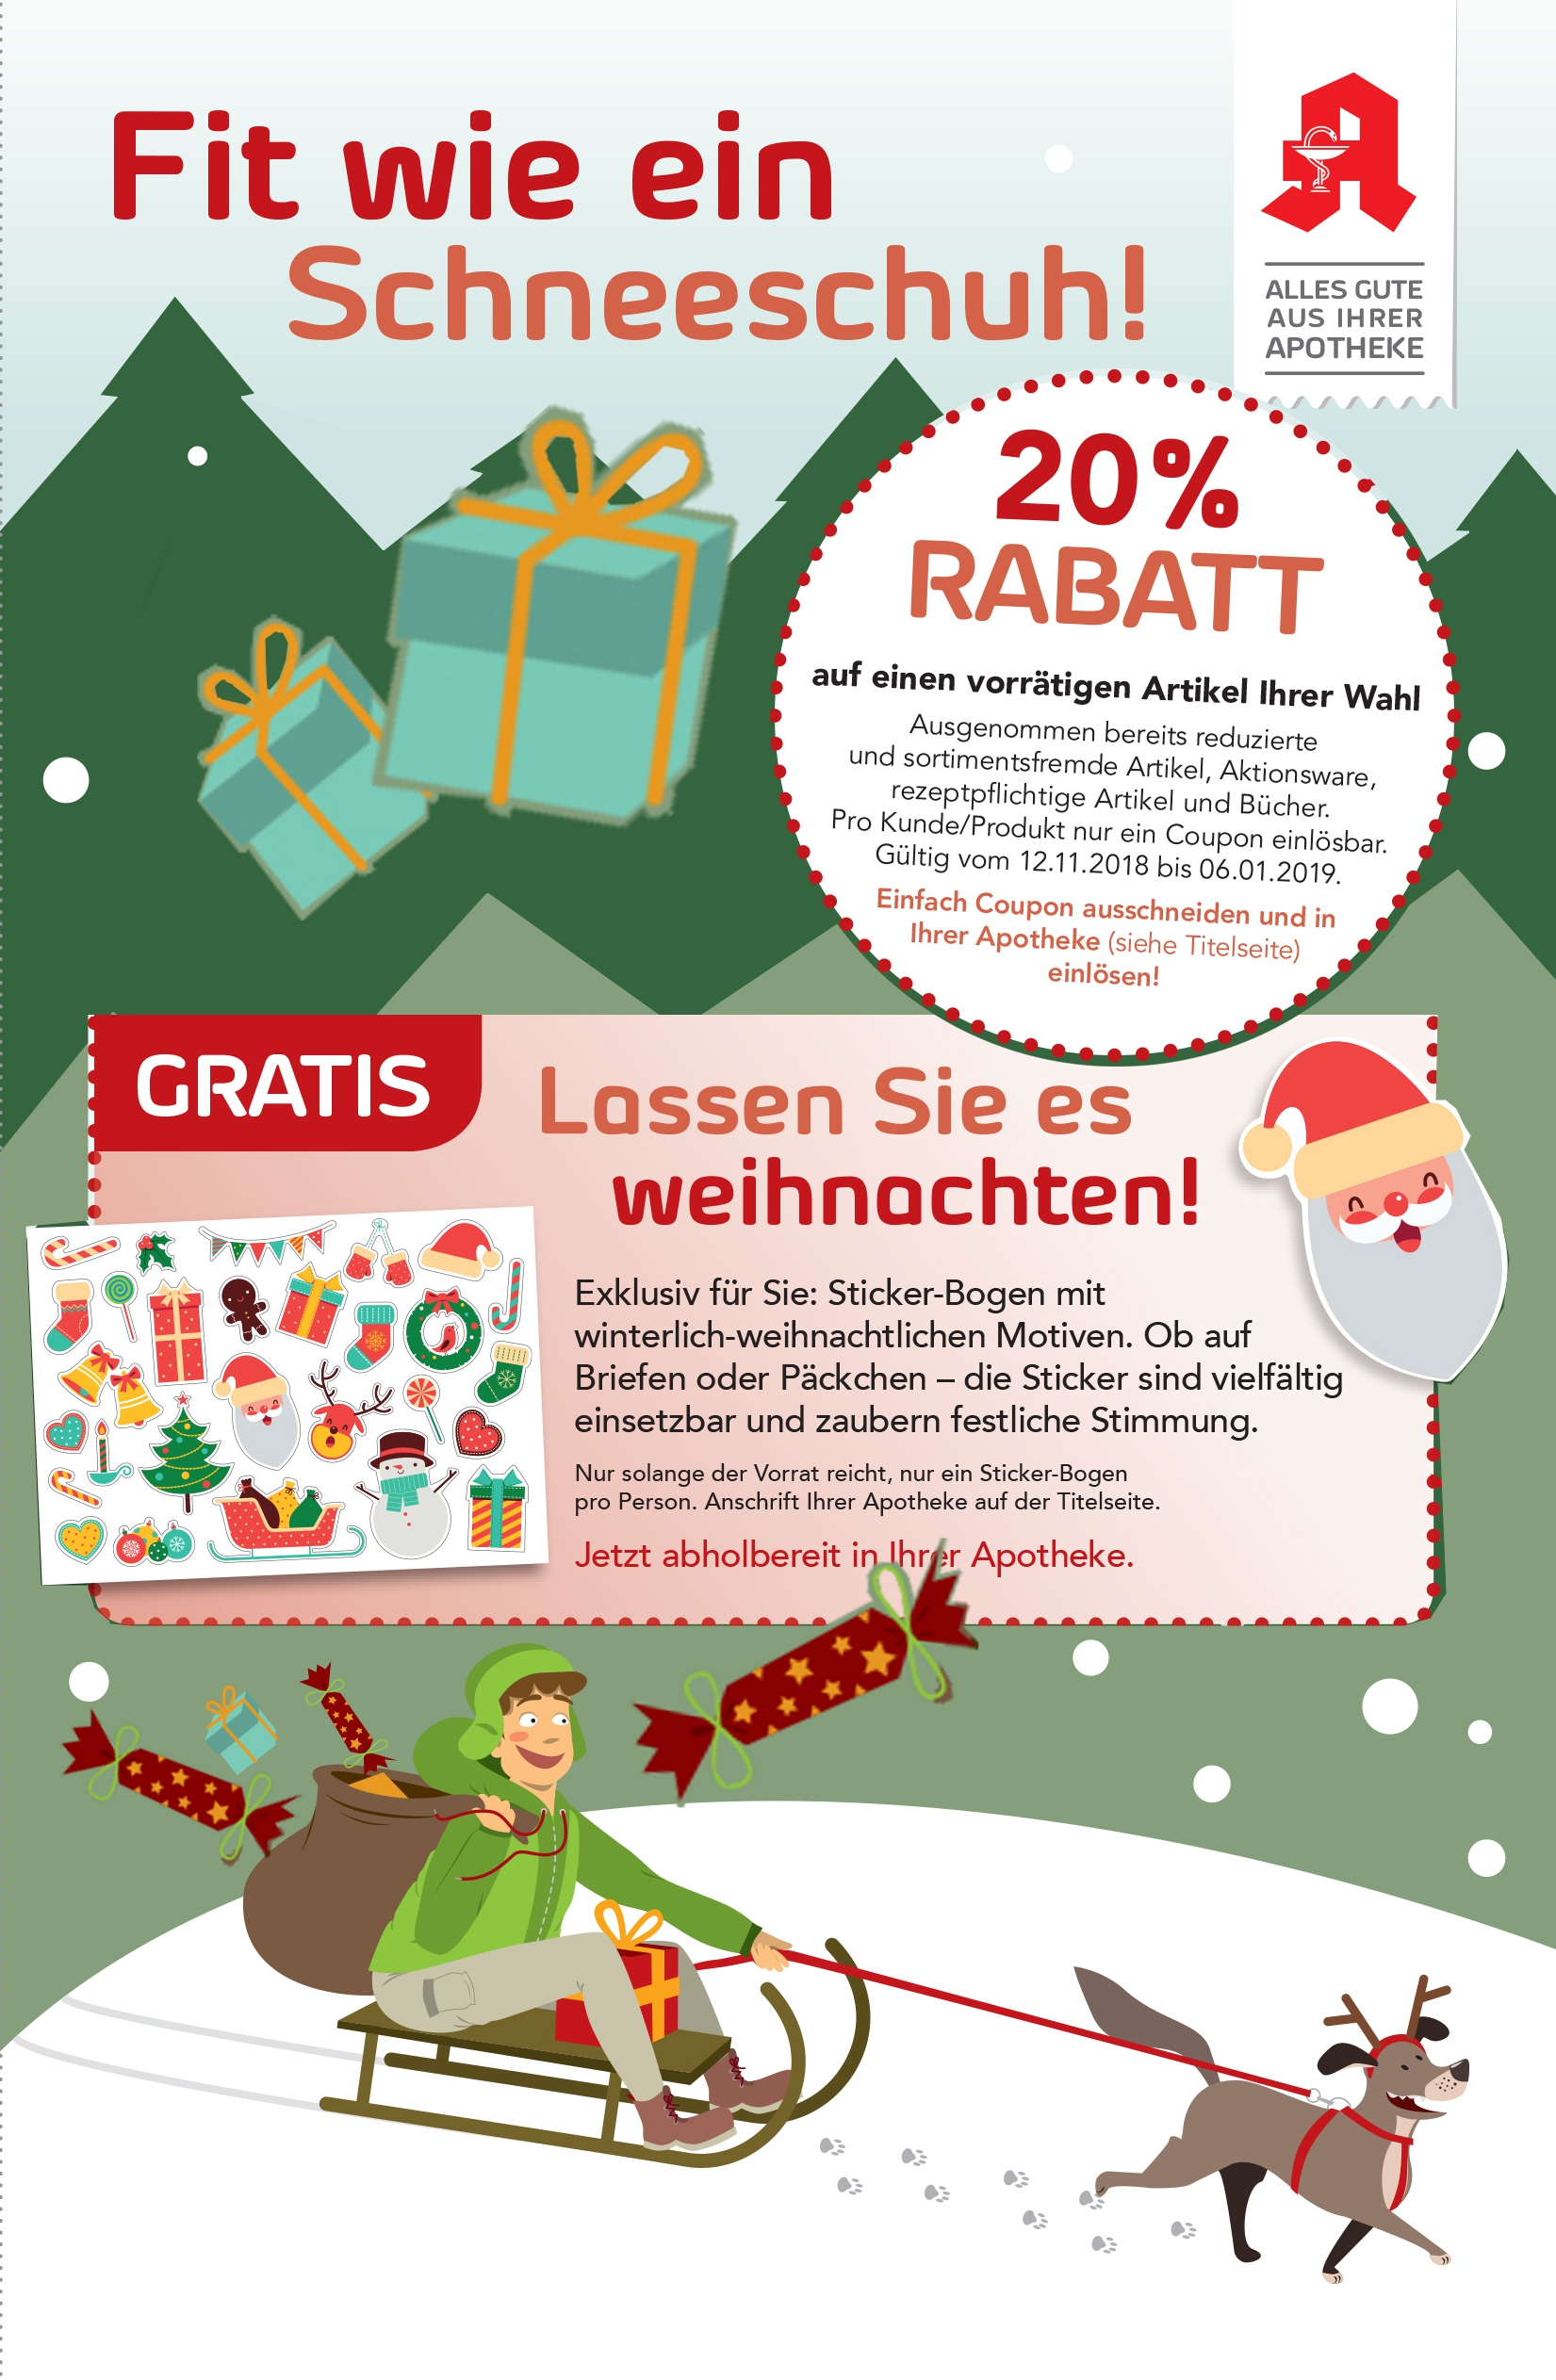 Aktuelles - Coupons im Winter | Triebischtal-Apotheke in 01662 Meißen